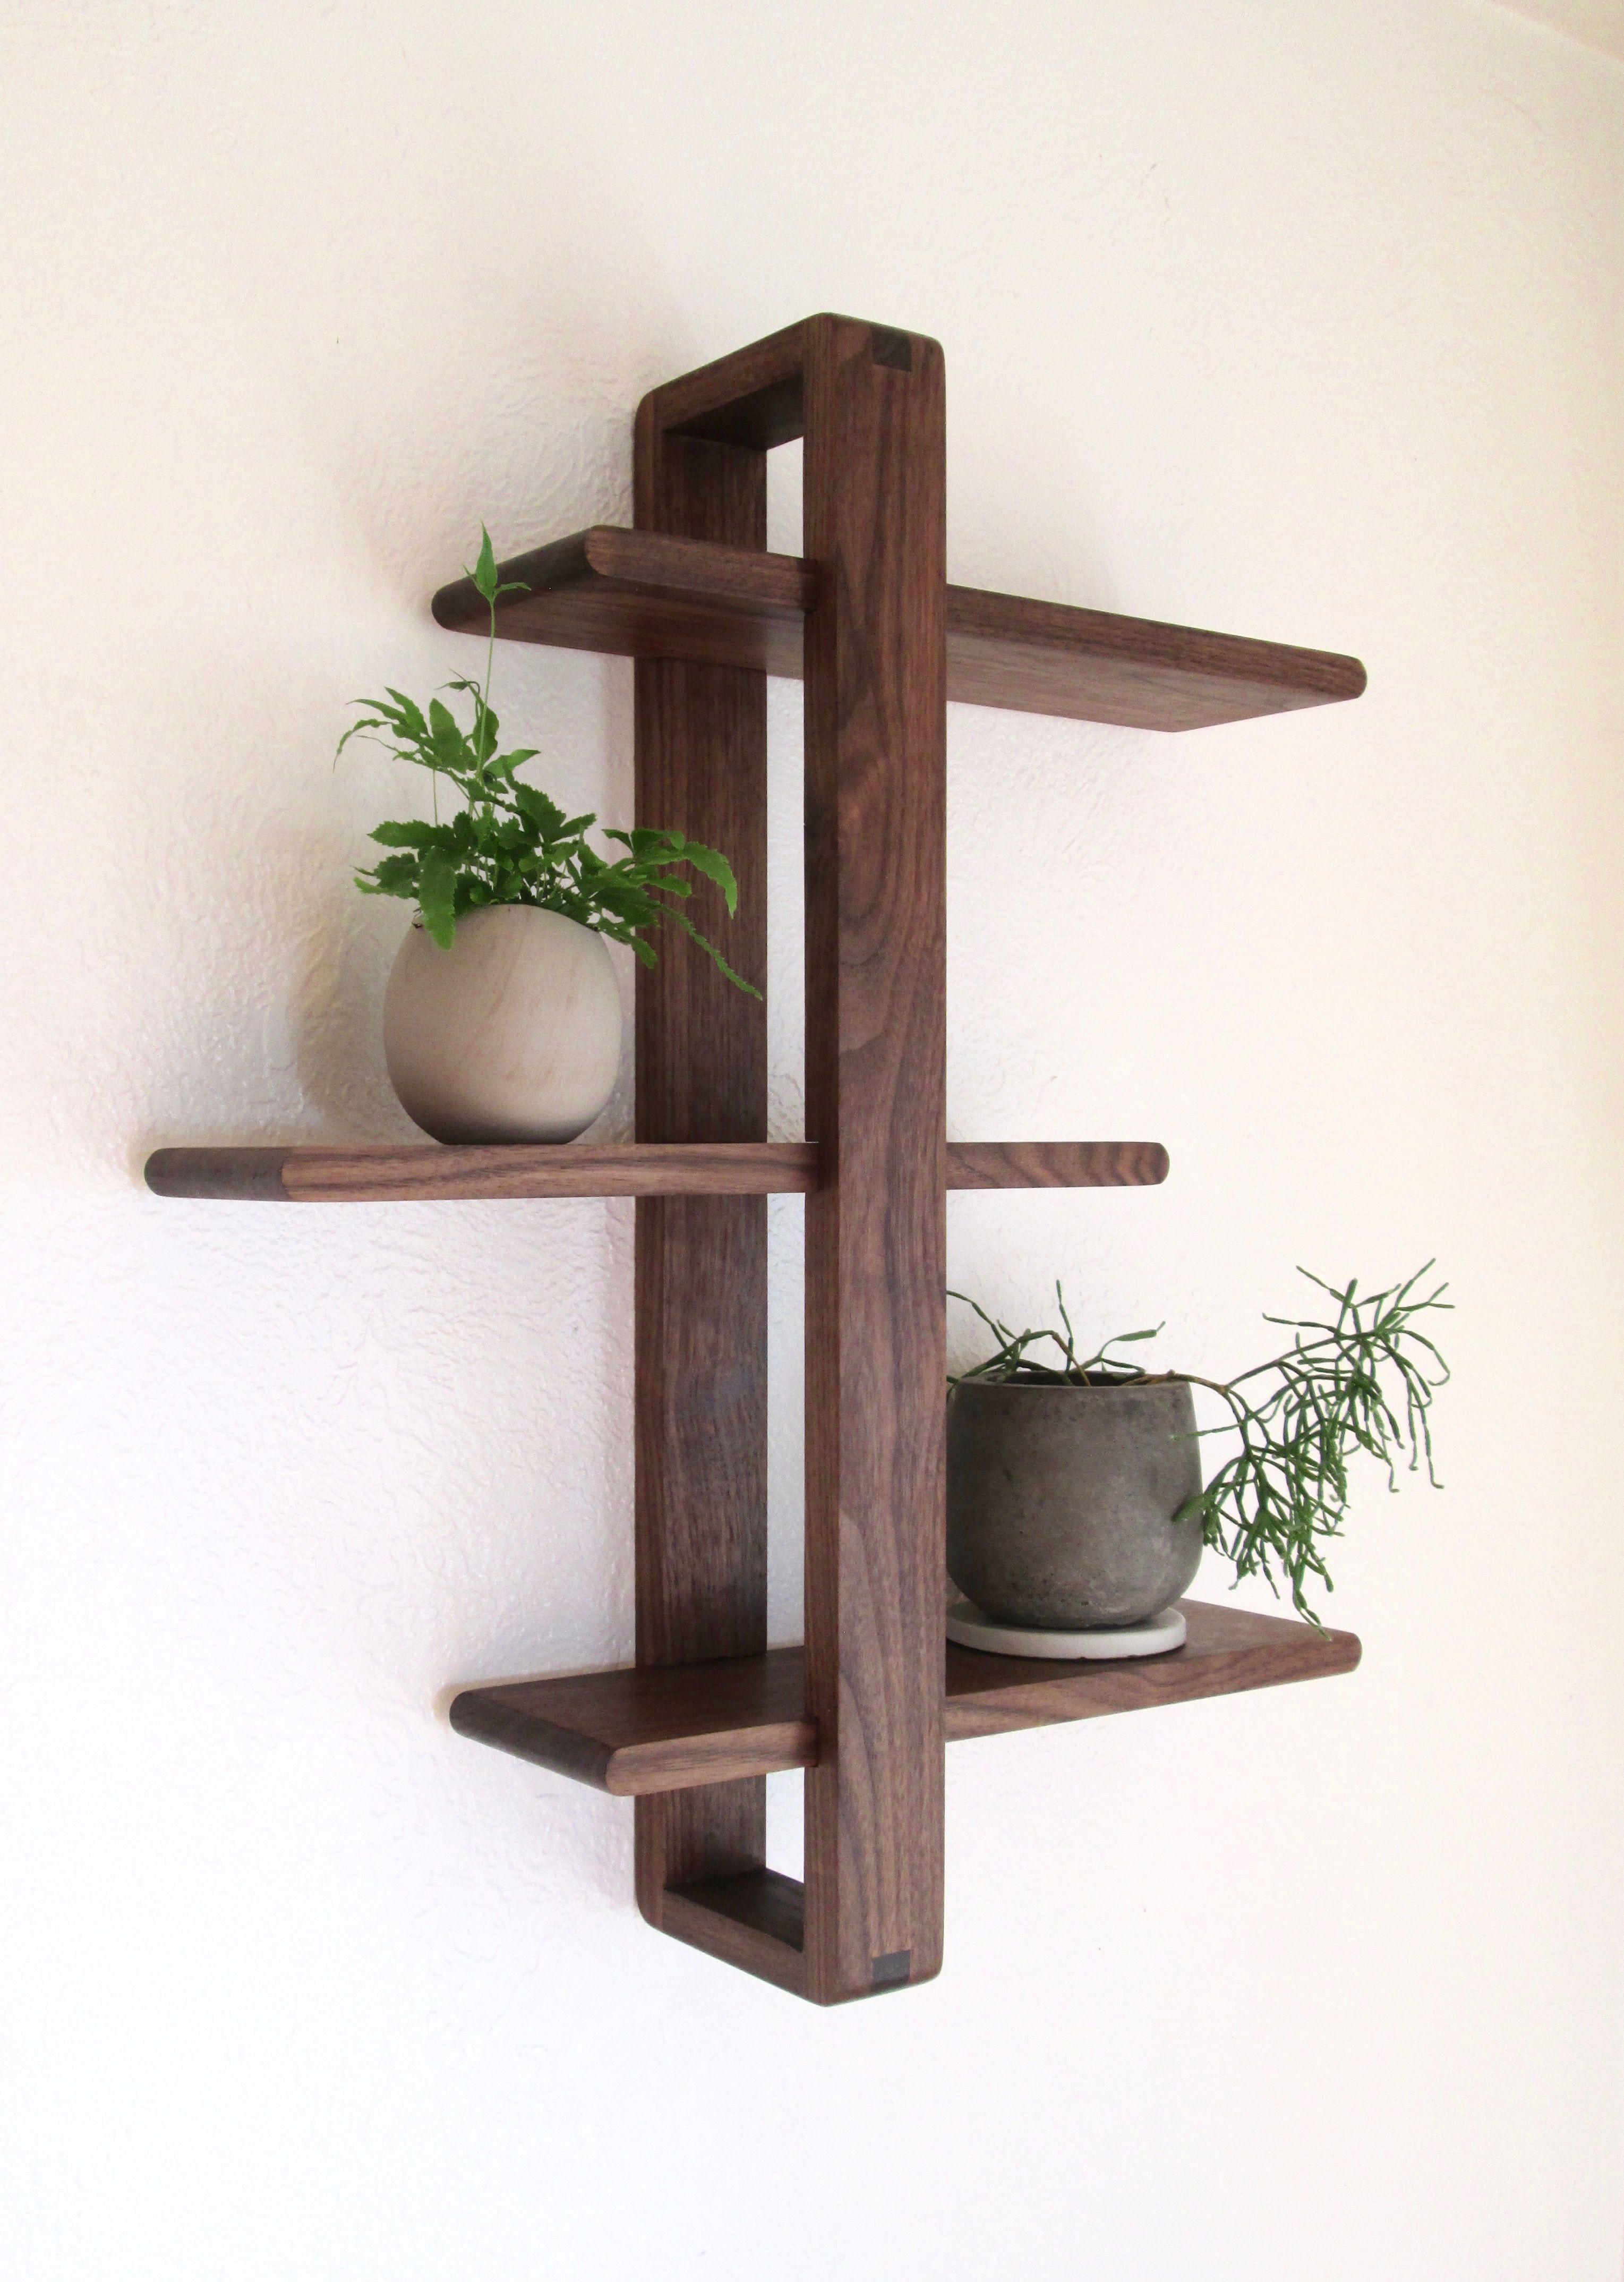 Shift Shelf Modern Wall Shelf Solid Walnut For Hanging Etsy Modern Wall Shelf Wood Wall Shelf Modern Shelving